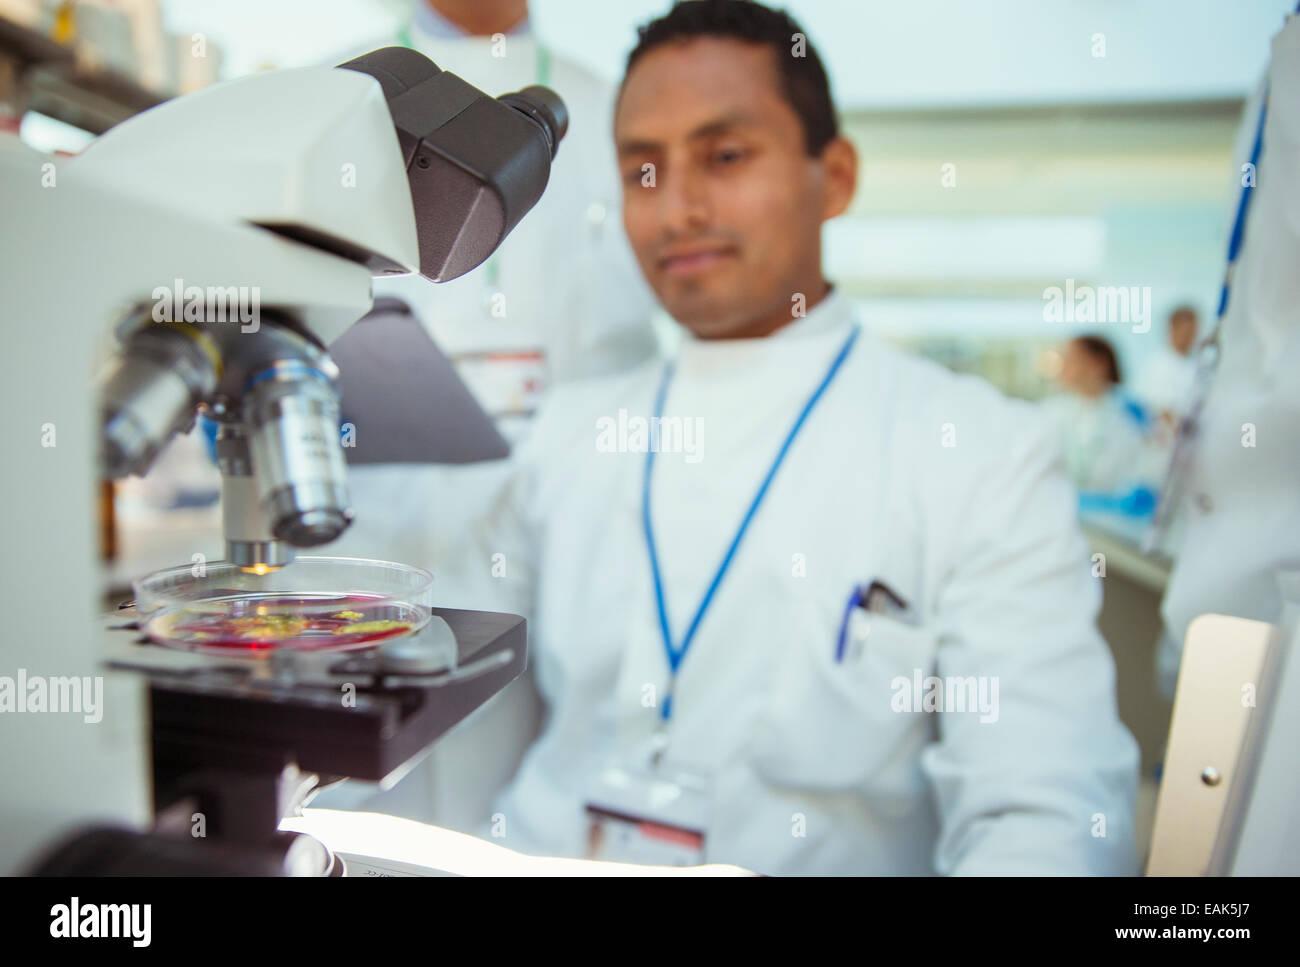 Wissenschaftler mit Probe unter dem Mikroskop im Labor Stockbild